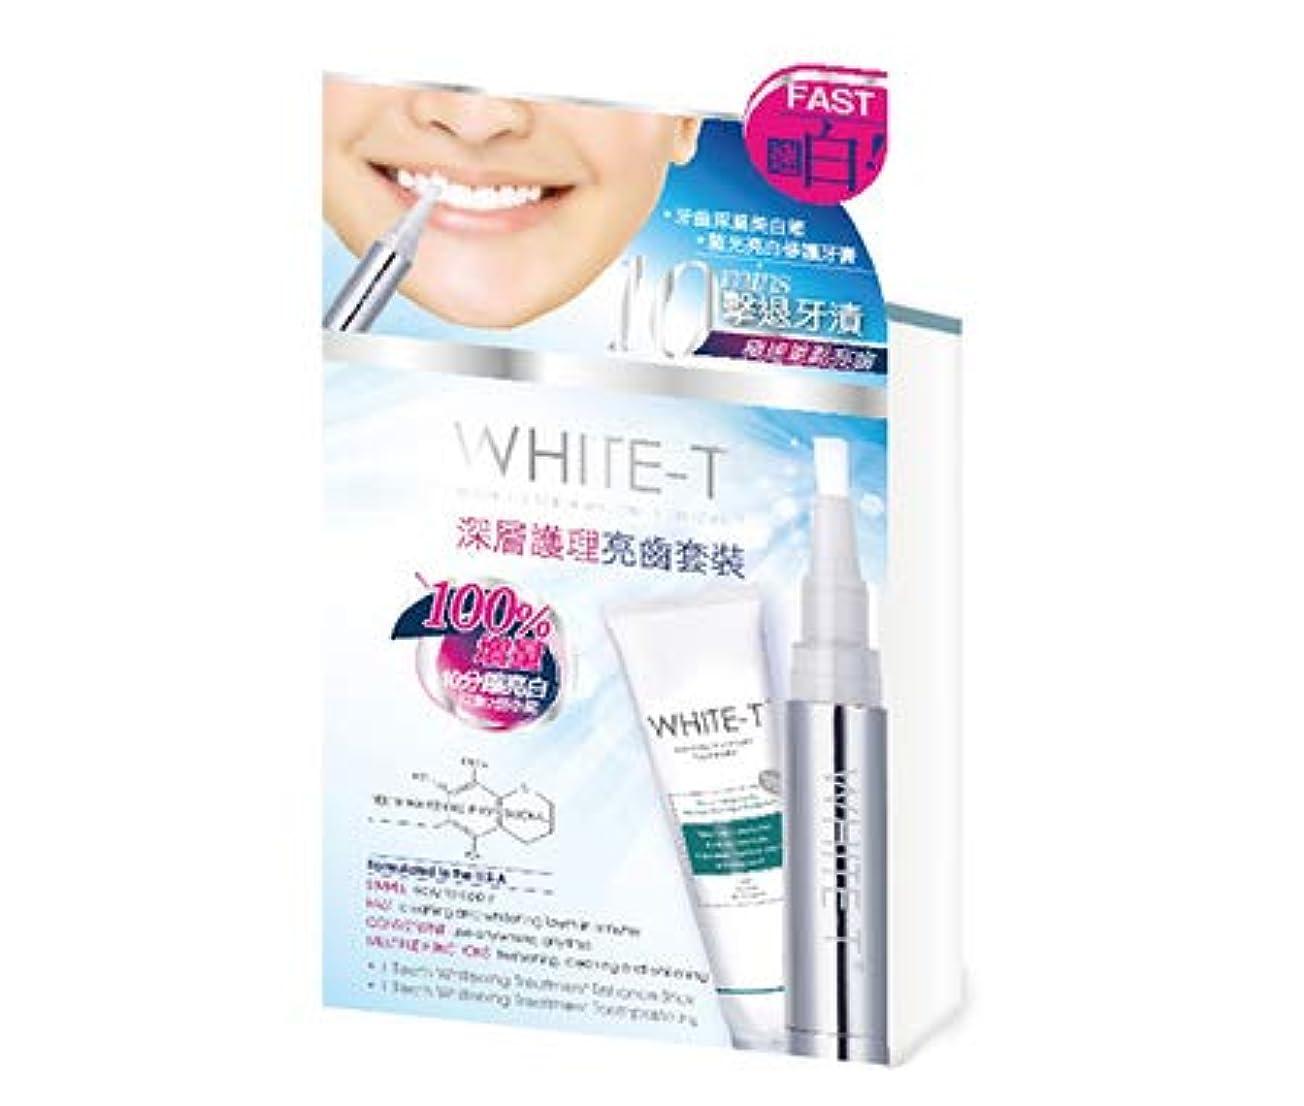 コンパス簡略化する本部WHITE-T ホワイトニング ペンタイプ(4ml) +ホワイトニング歯磨き粉(30g) 並行輸入品